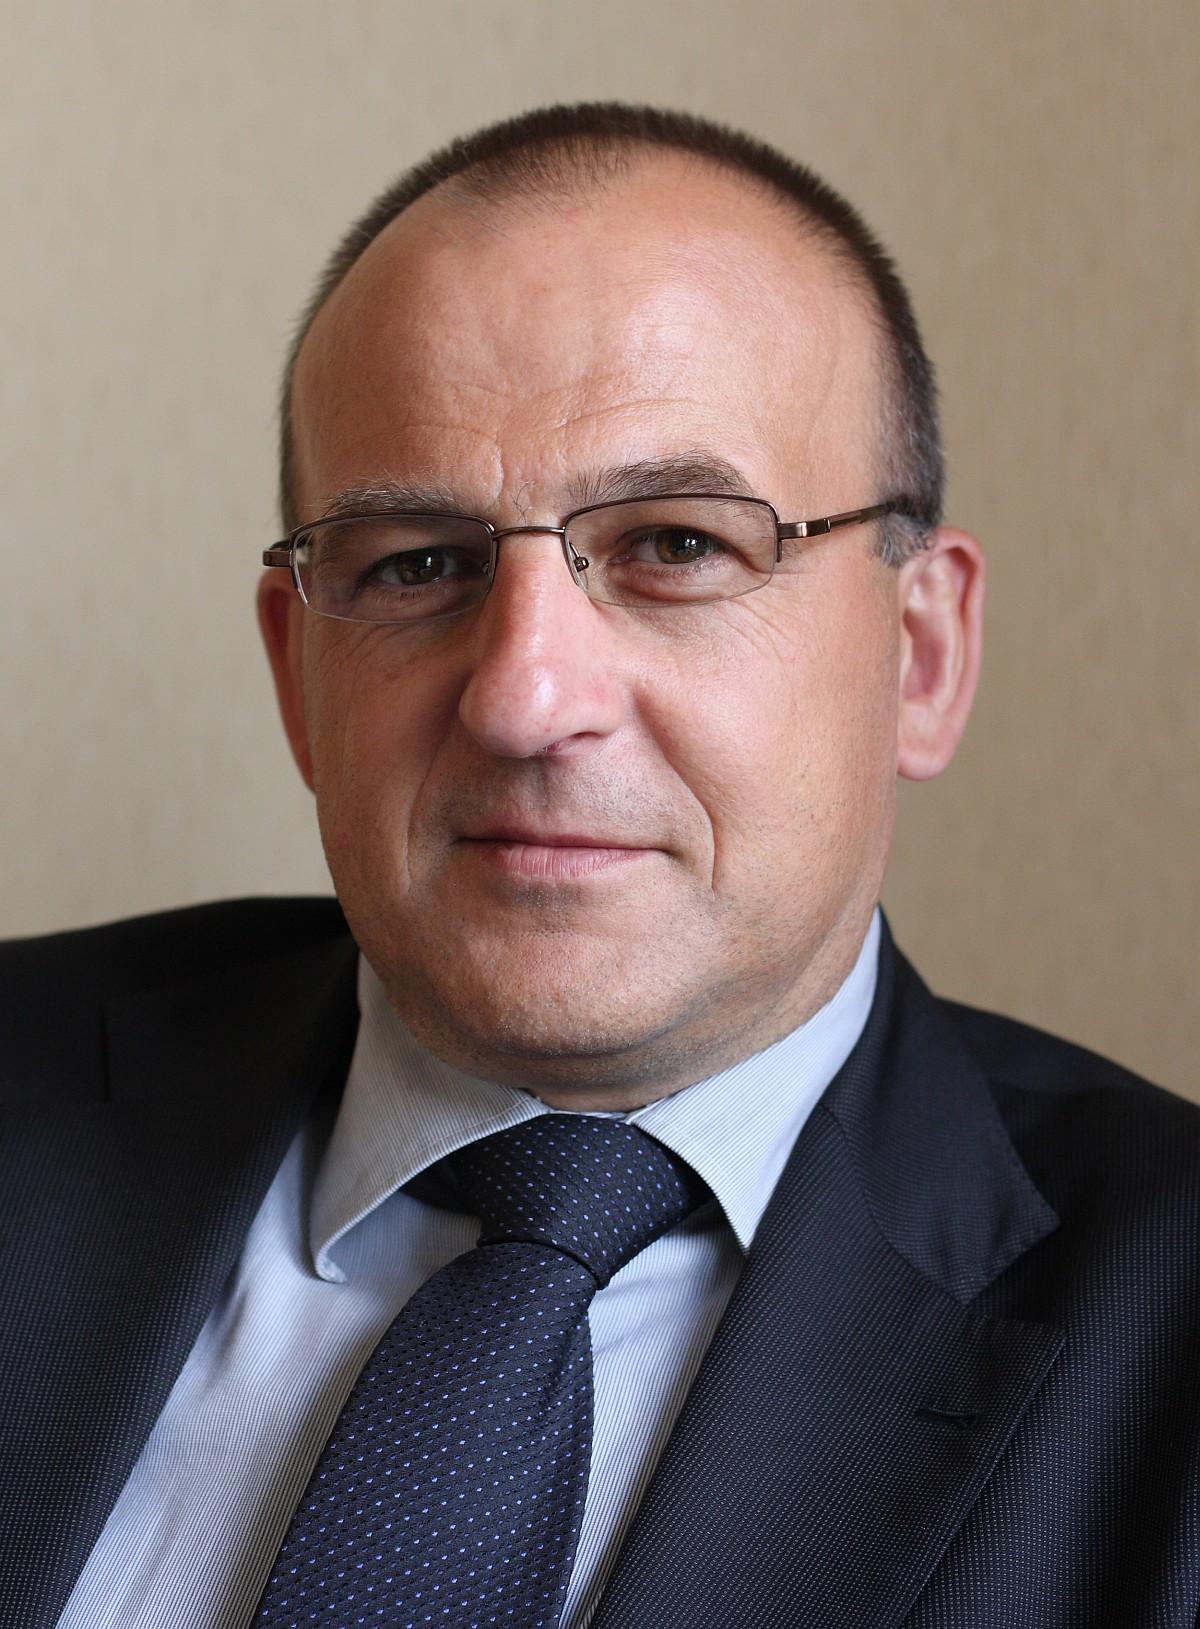 Tomasz Witkowski Rada Naukowa Szkolenia Oparte Na Dowodach